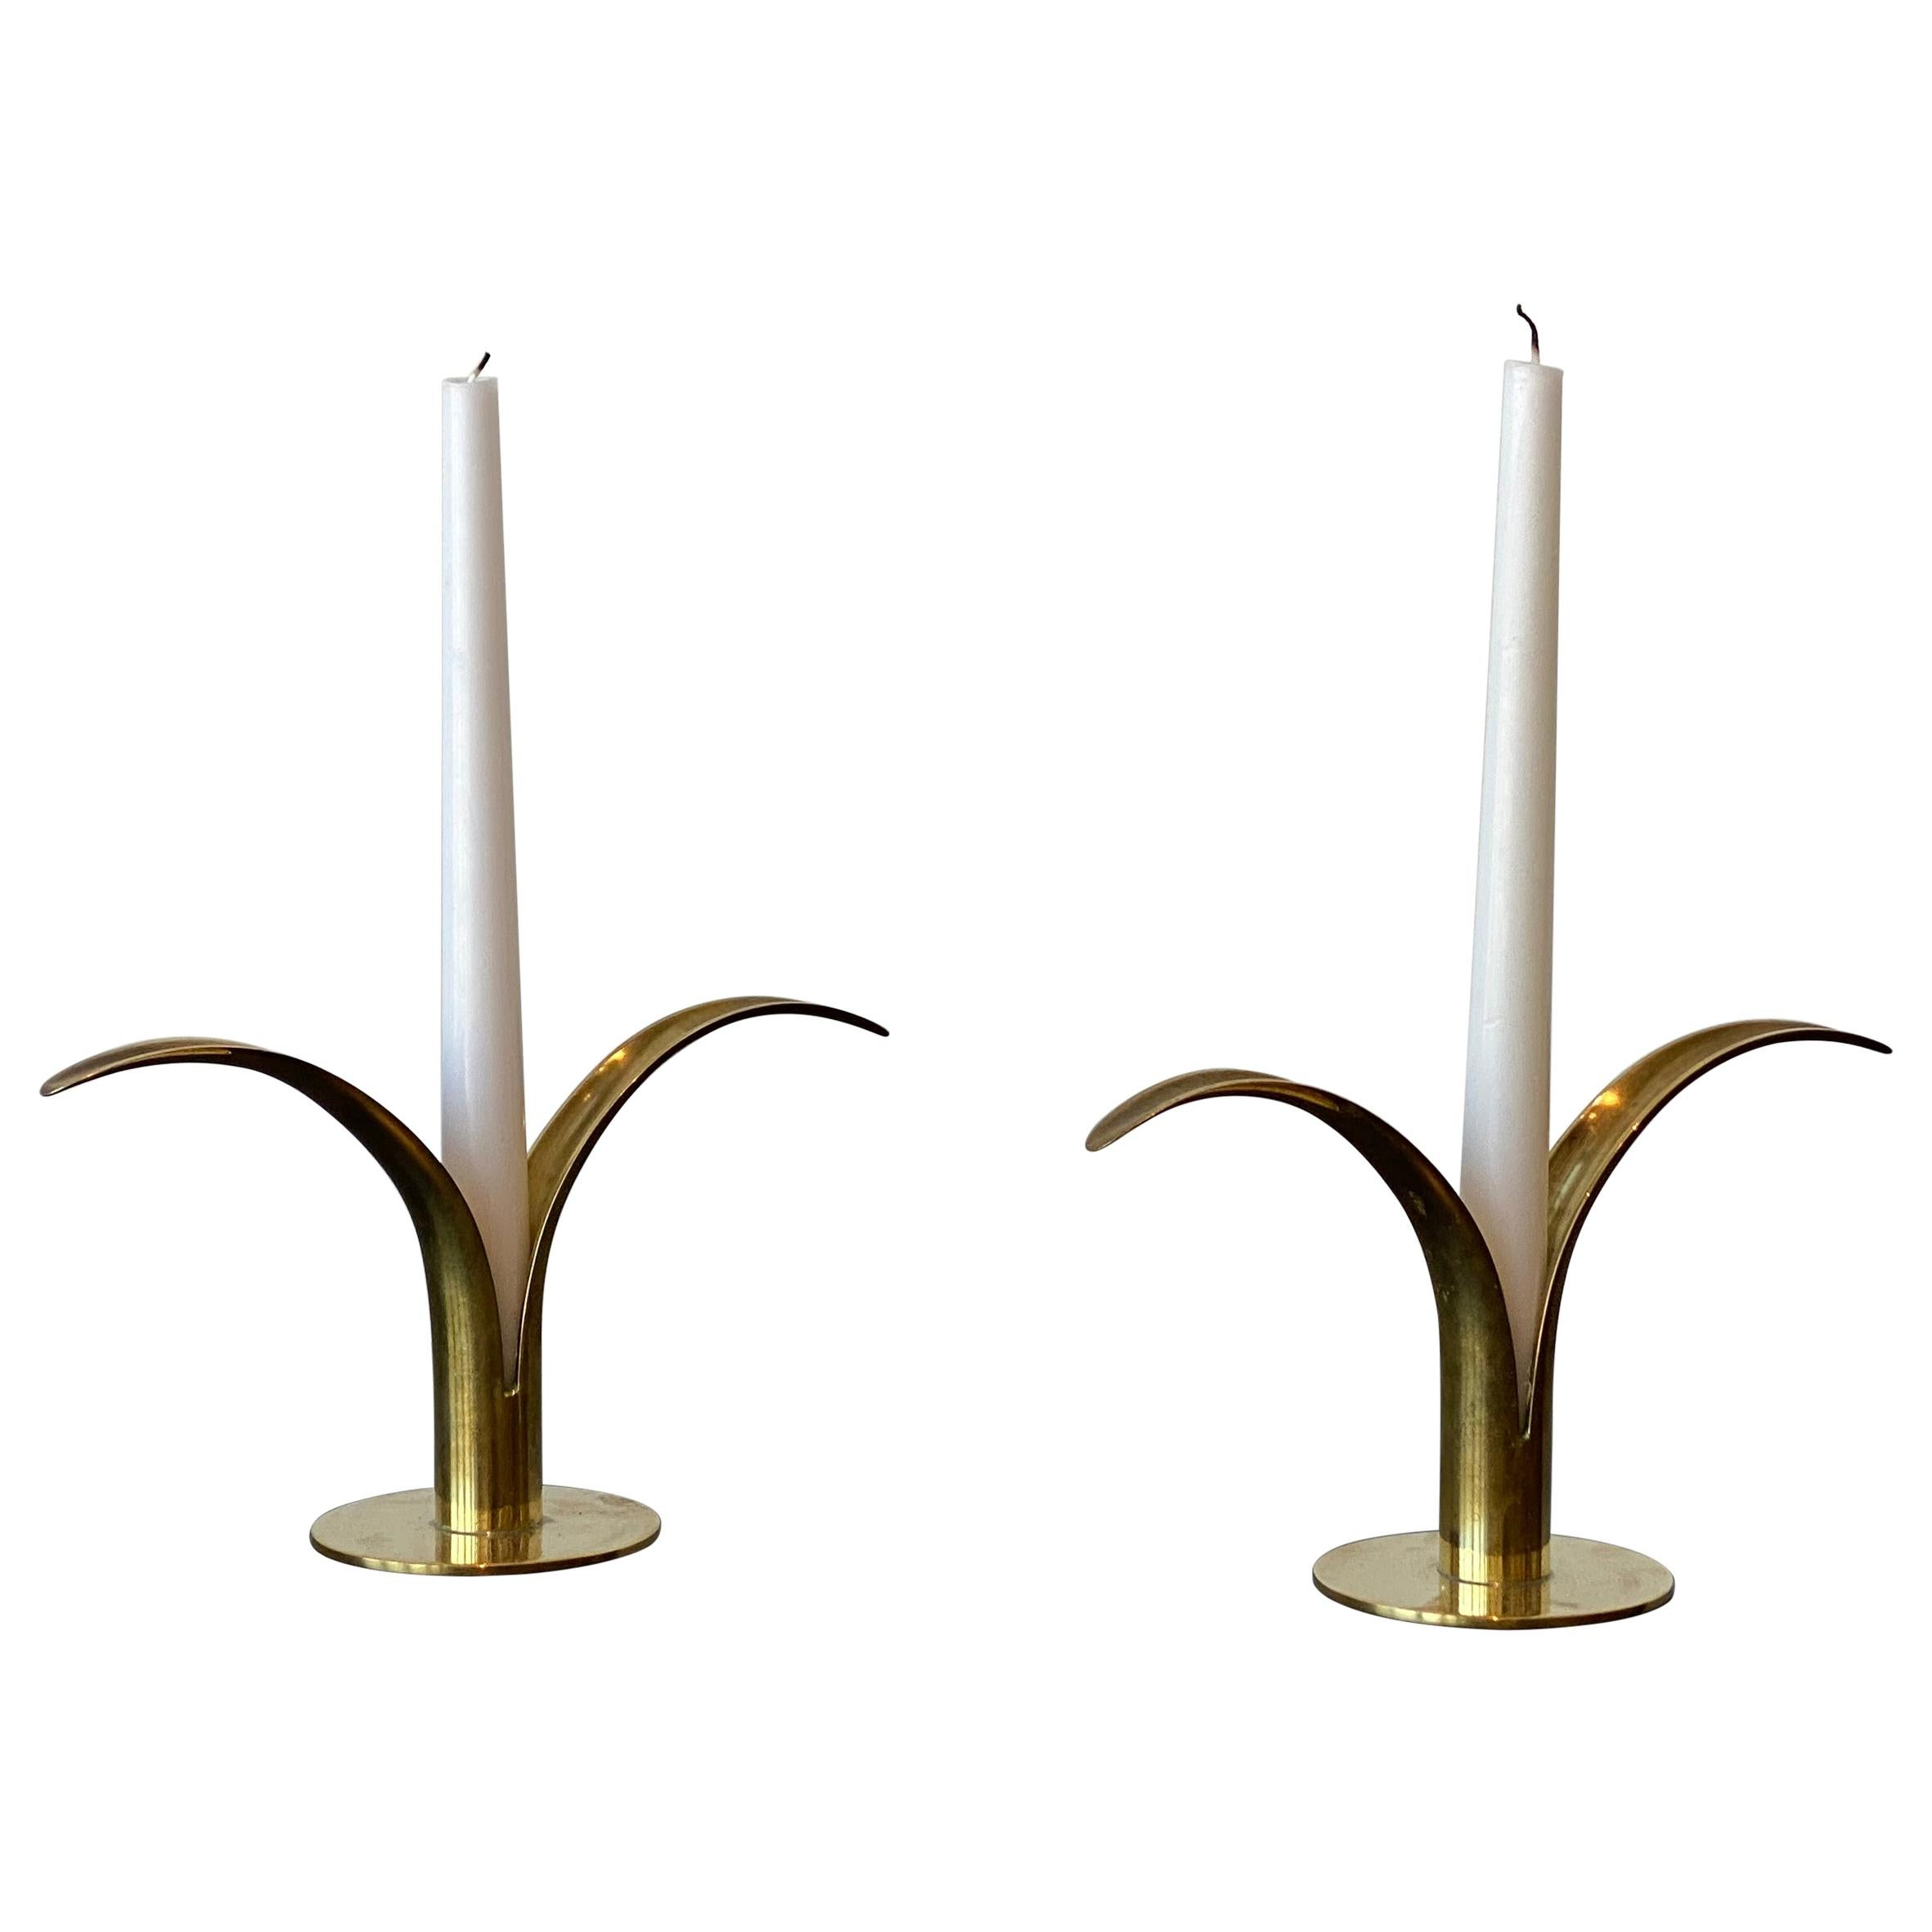 Ivar Åhlenius Björk, Liljan Candlesticks, Ystad Metall, Brass, Sweden, 1950s